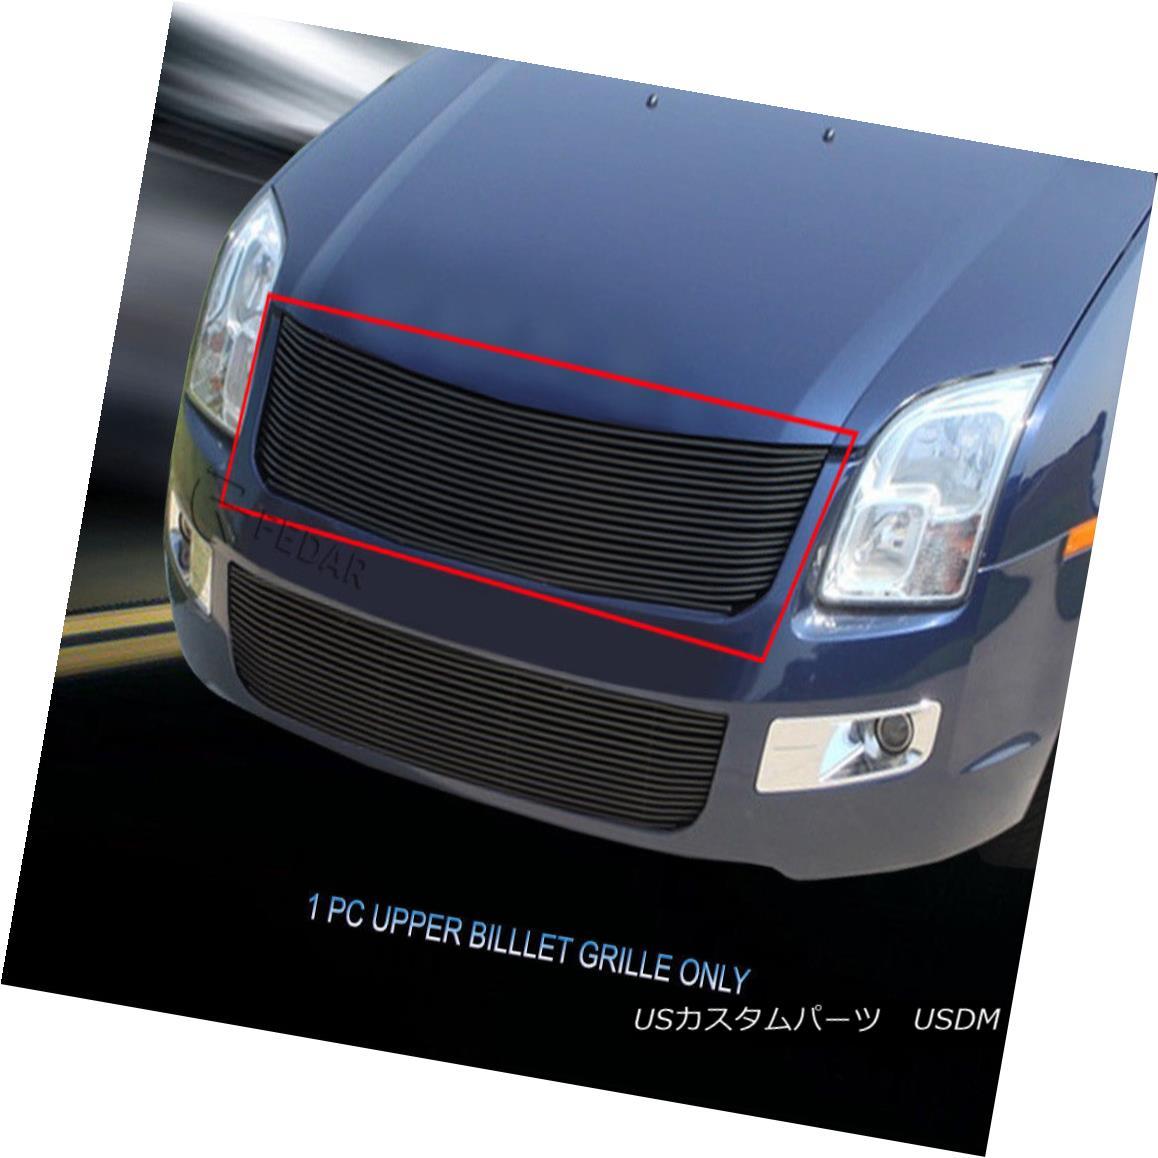 グリル For 06-09 Ford Fusion Black Billet Grille Main Upper Grill Insert Fedar 06-09フォードフュージョンブラックビレットグリルメインアッパーグリルインサートフェルダー